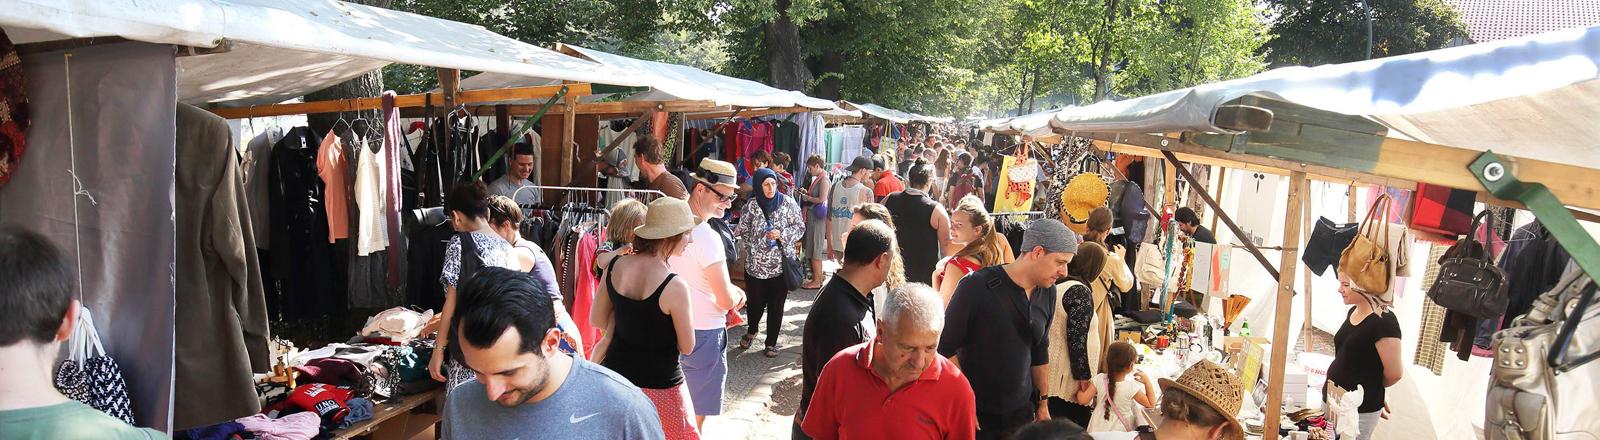 Flohmarktstände im Sommer